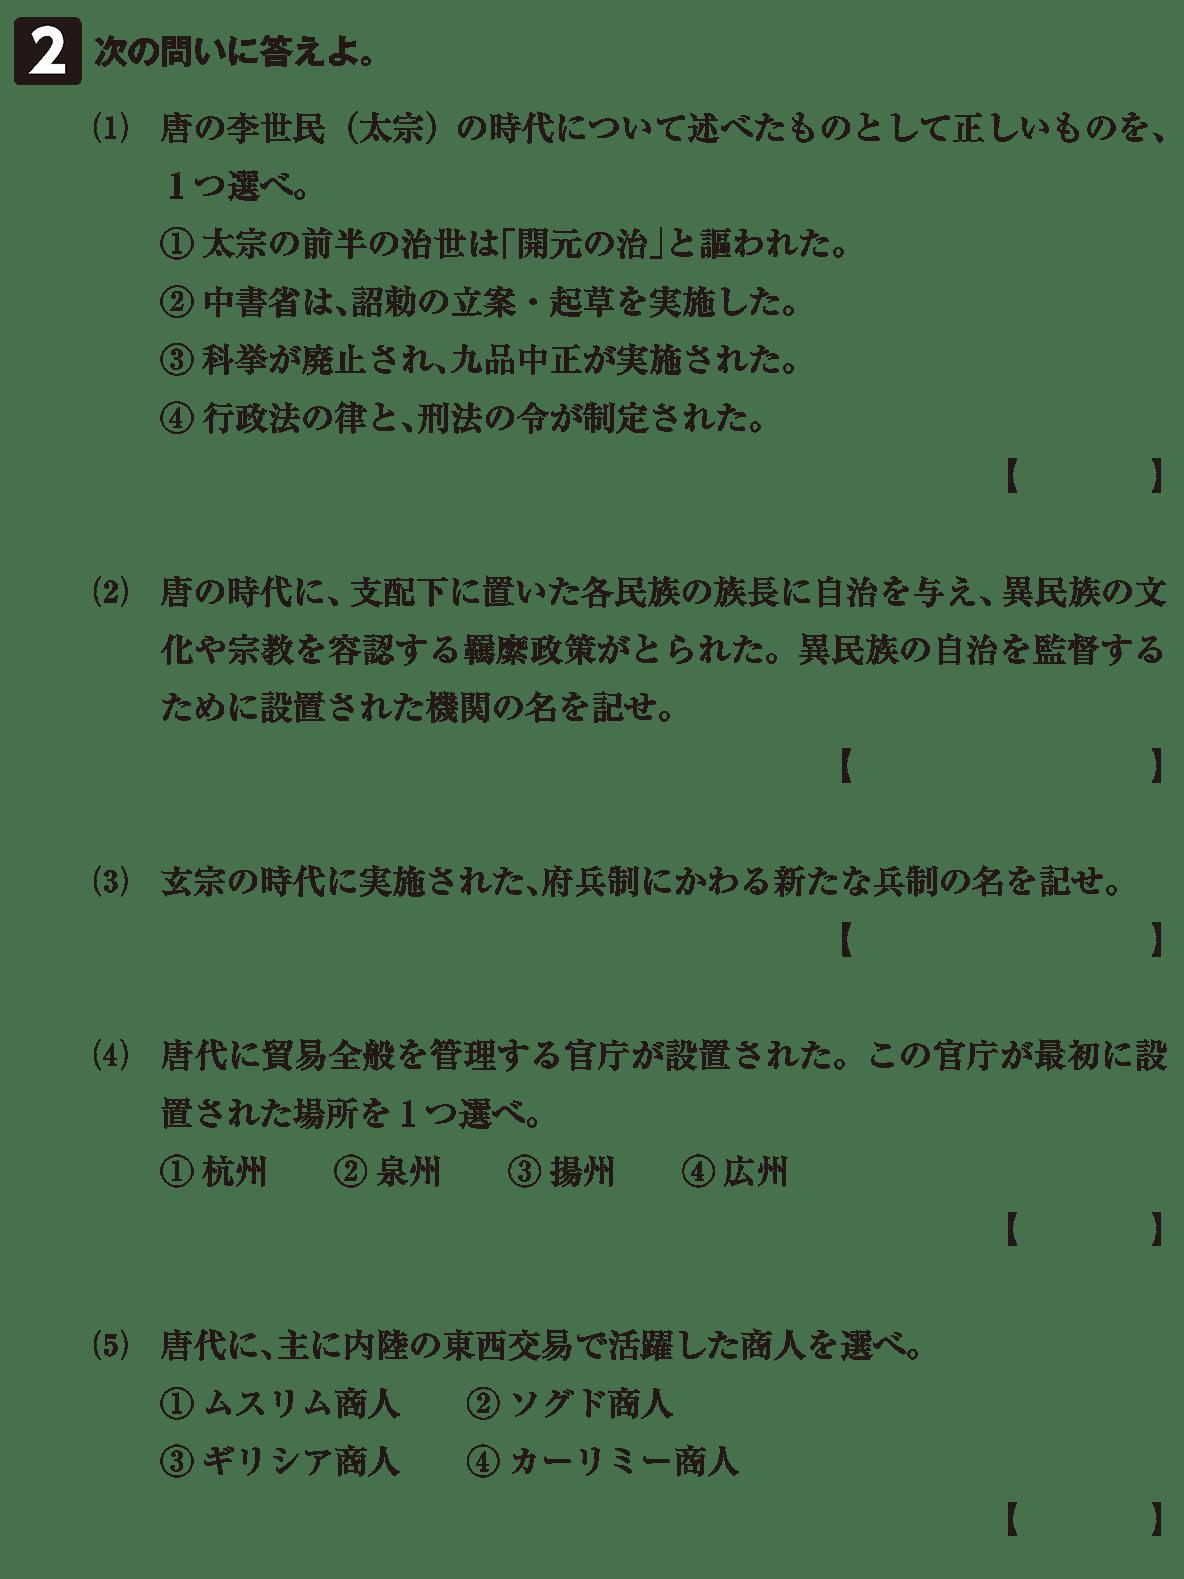 高校世界史 東アジア文明圏の形成7確認テスト(後半)2 空欄